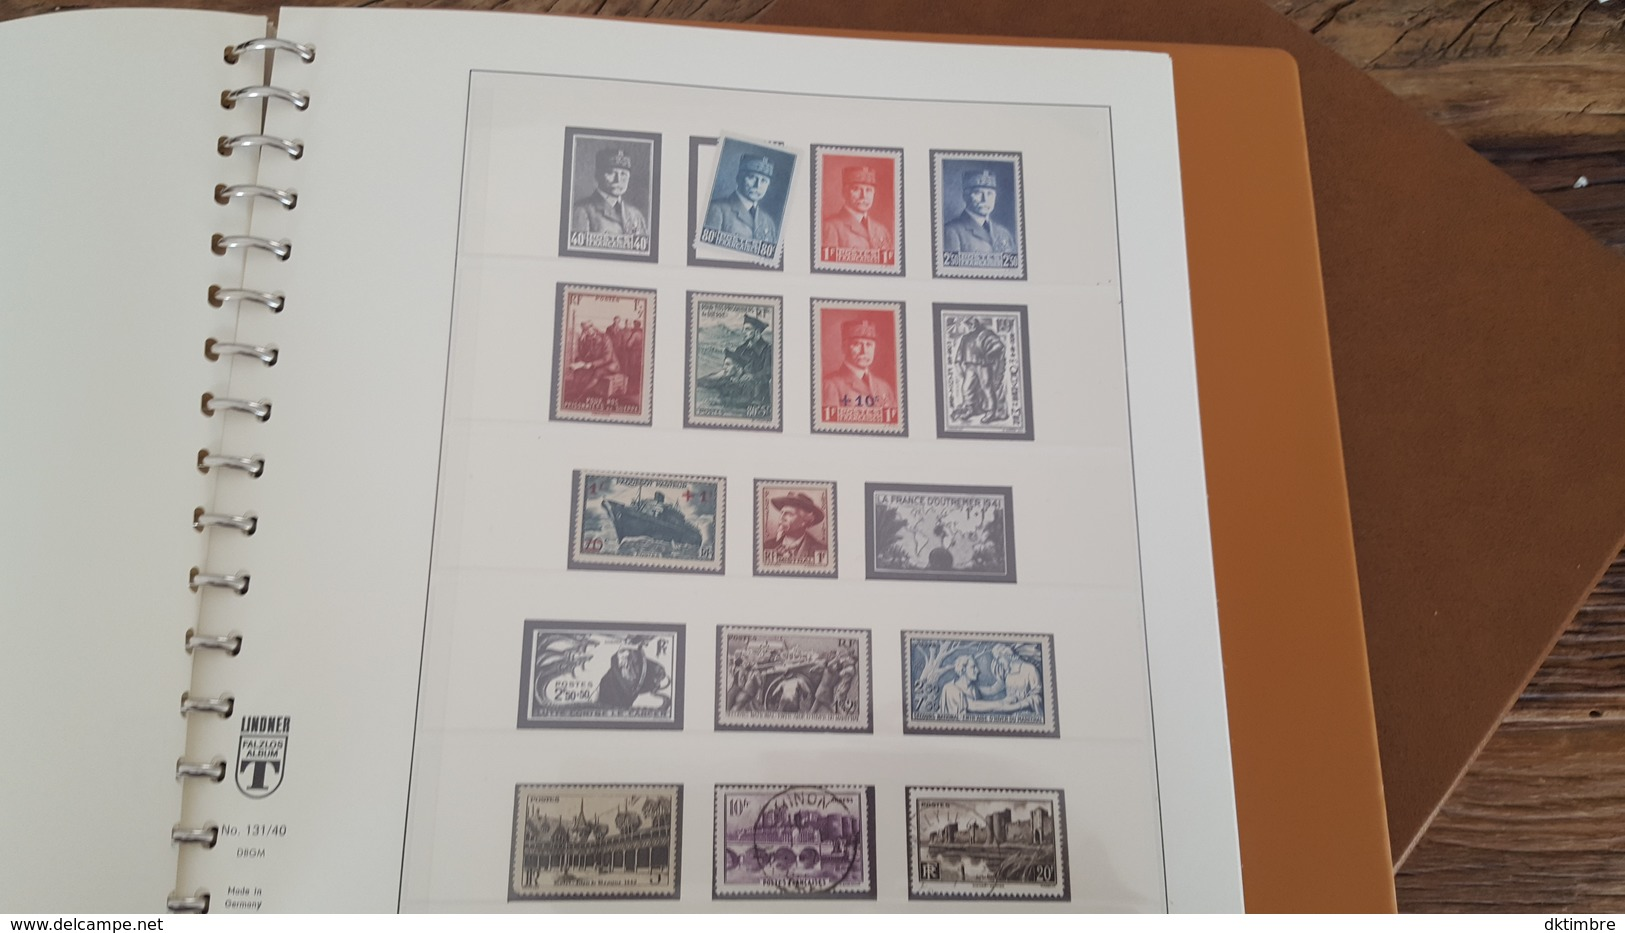 LOT 375678 ALBUM TIMBRE DE FRANCE LINDNER DE 1849 A 1940 TIMBRE NEUF* OBLITERE PORT A 10 EUROS - Timbres